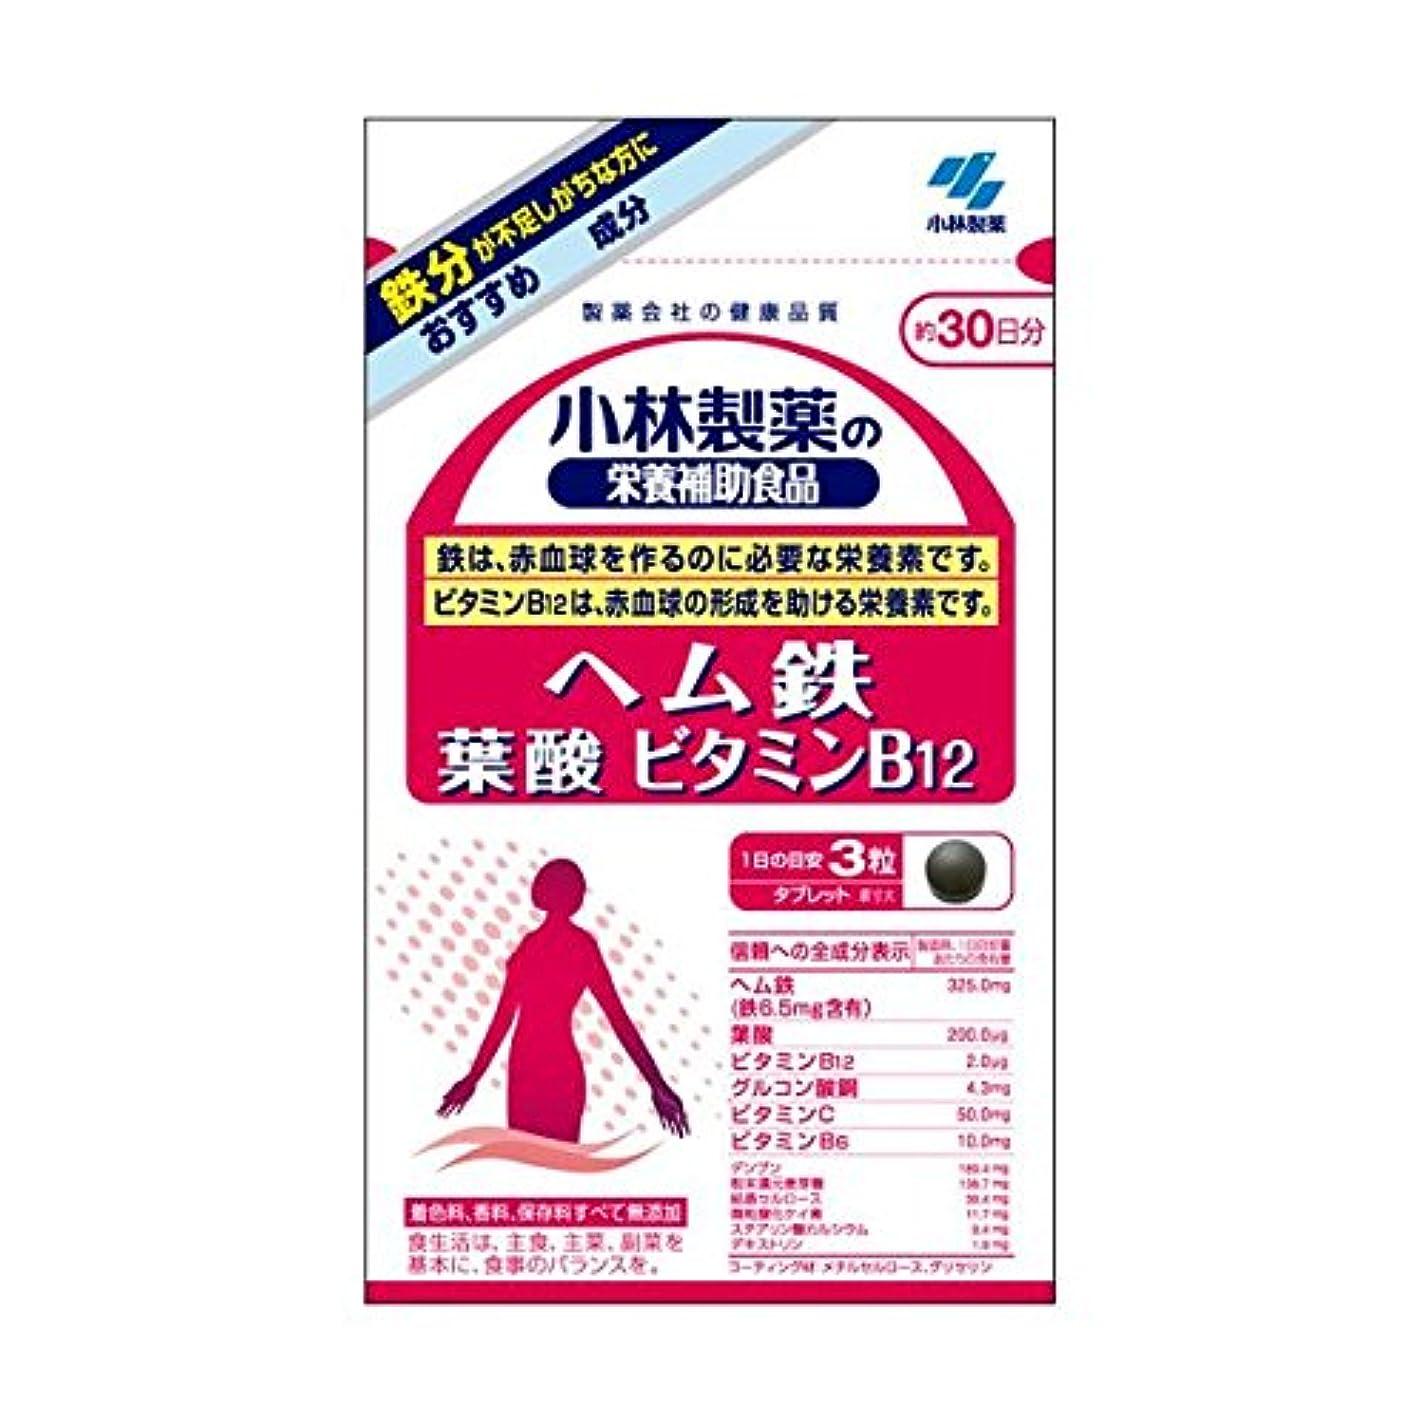 ケーブル不健全電極小林製薬 小林製薬の栄養補助食品ヘム鉄葉酸ビタミンB12 90粒×2